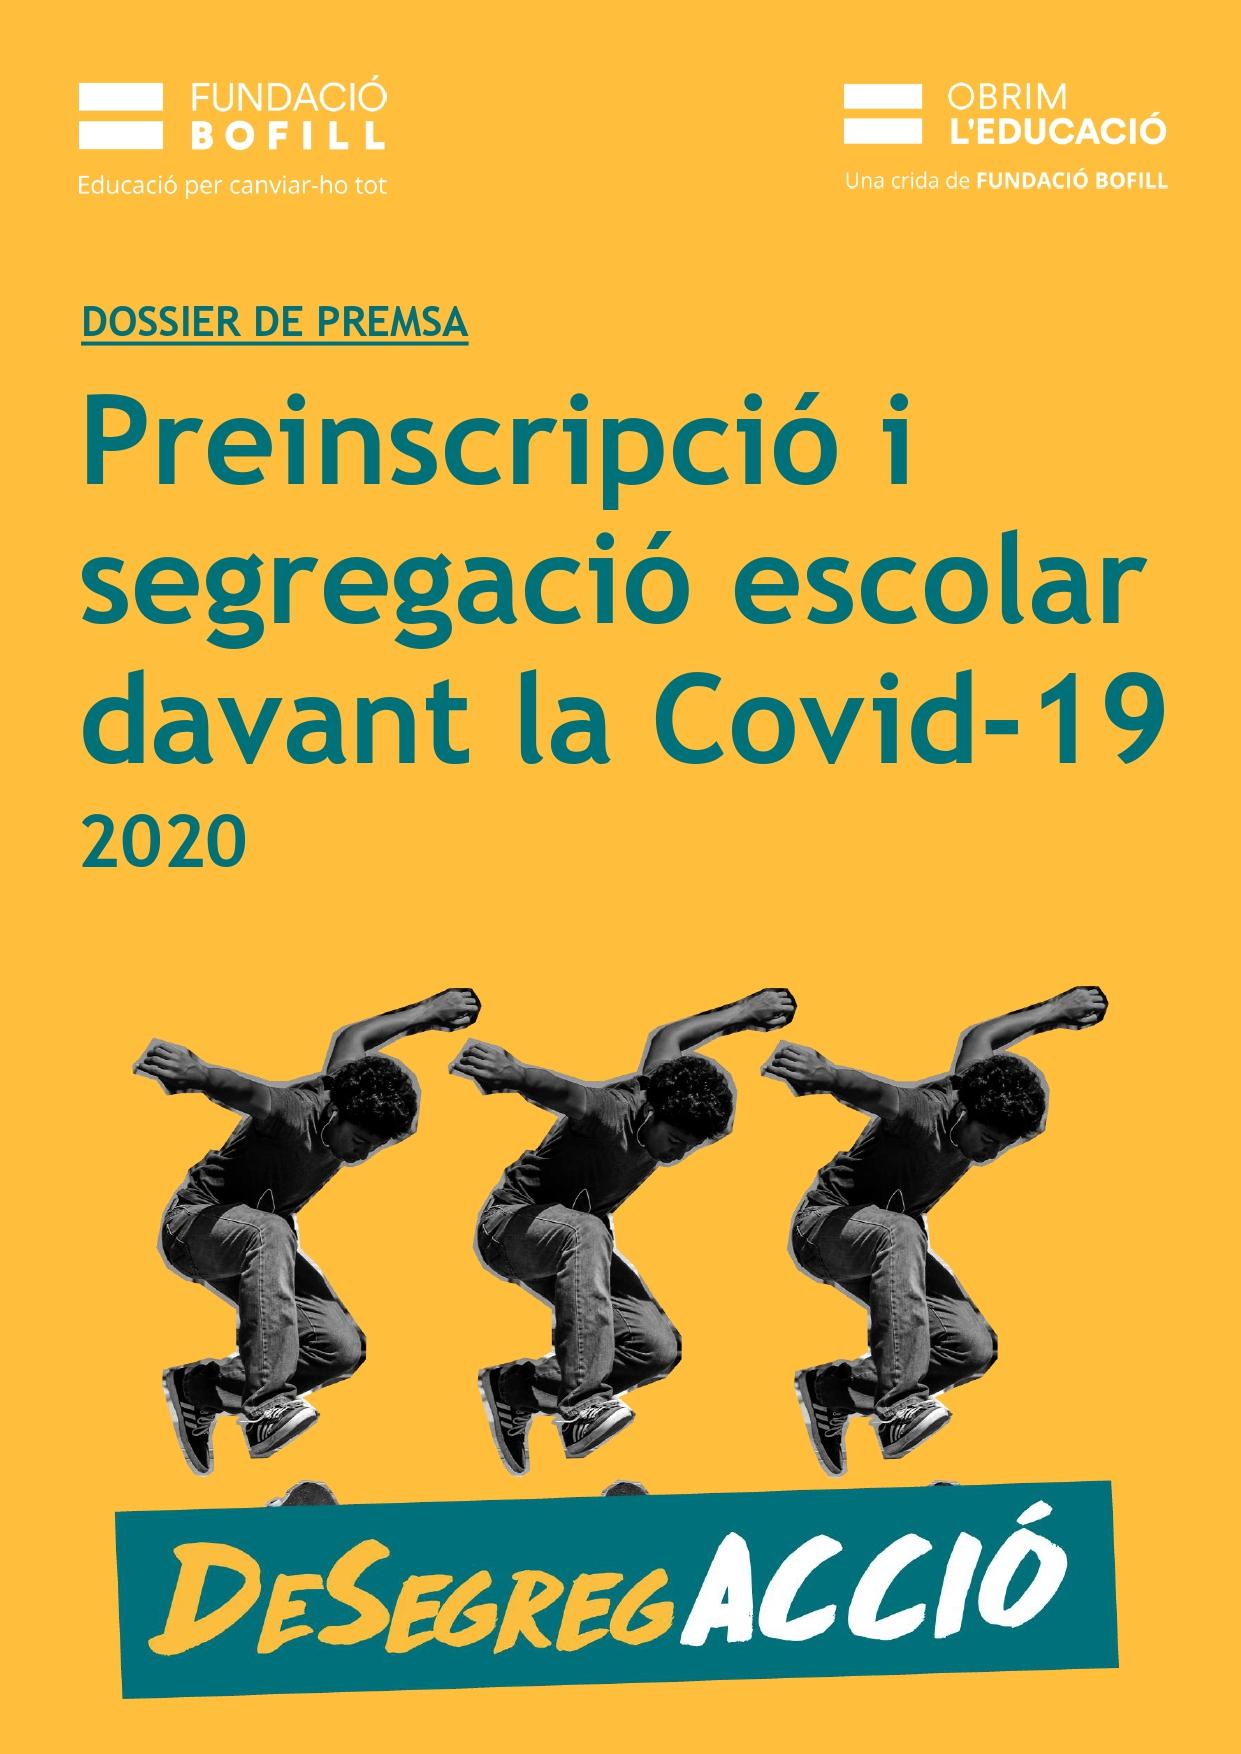 phq-r1c-dossiersegregacio-14-5-20_pages-0001.jpg